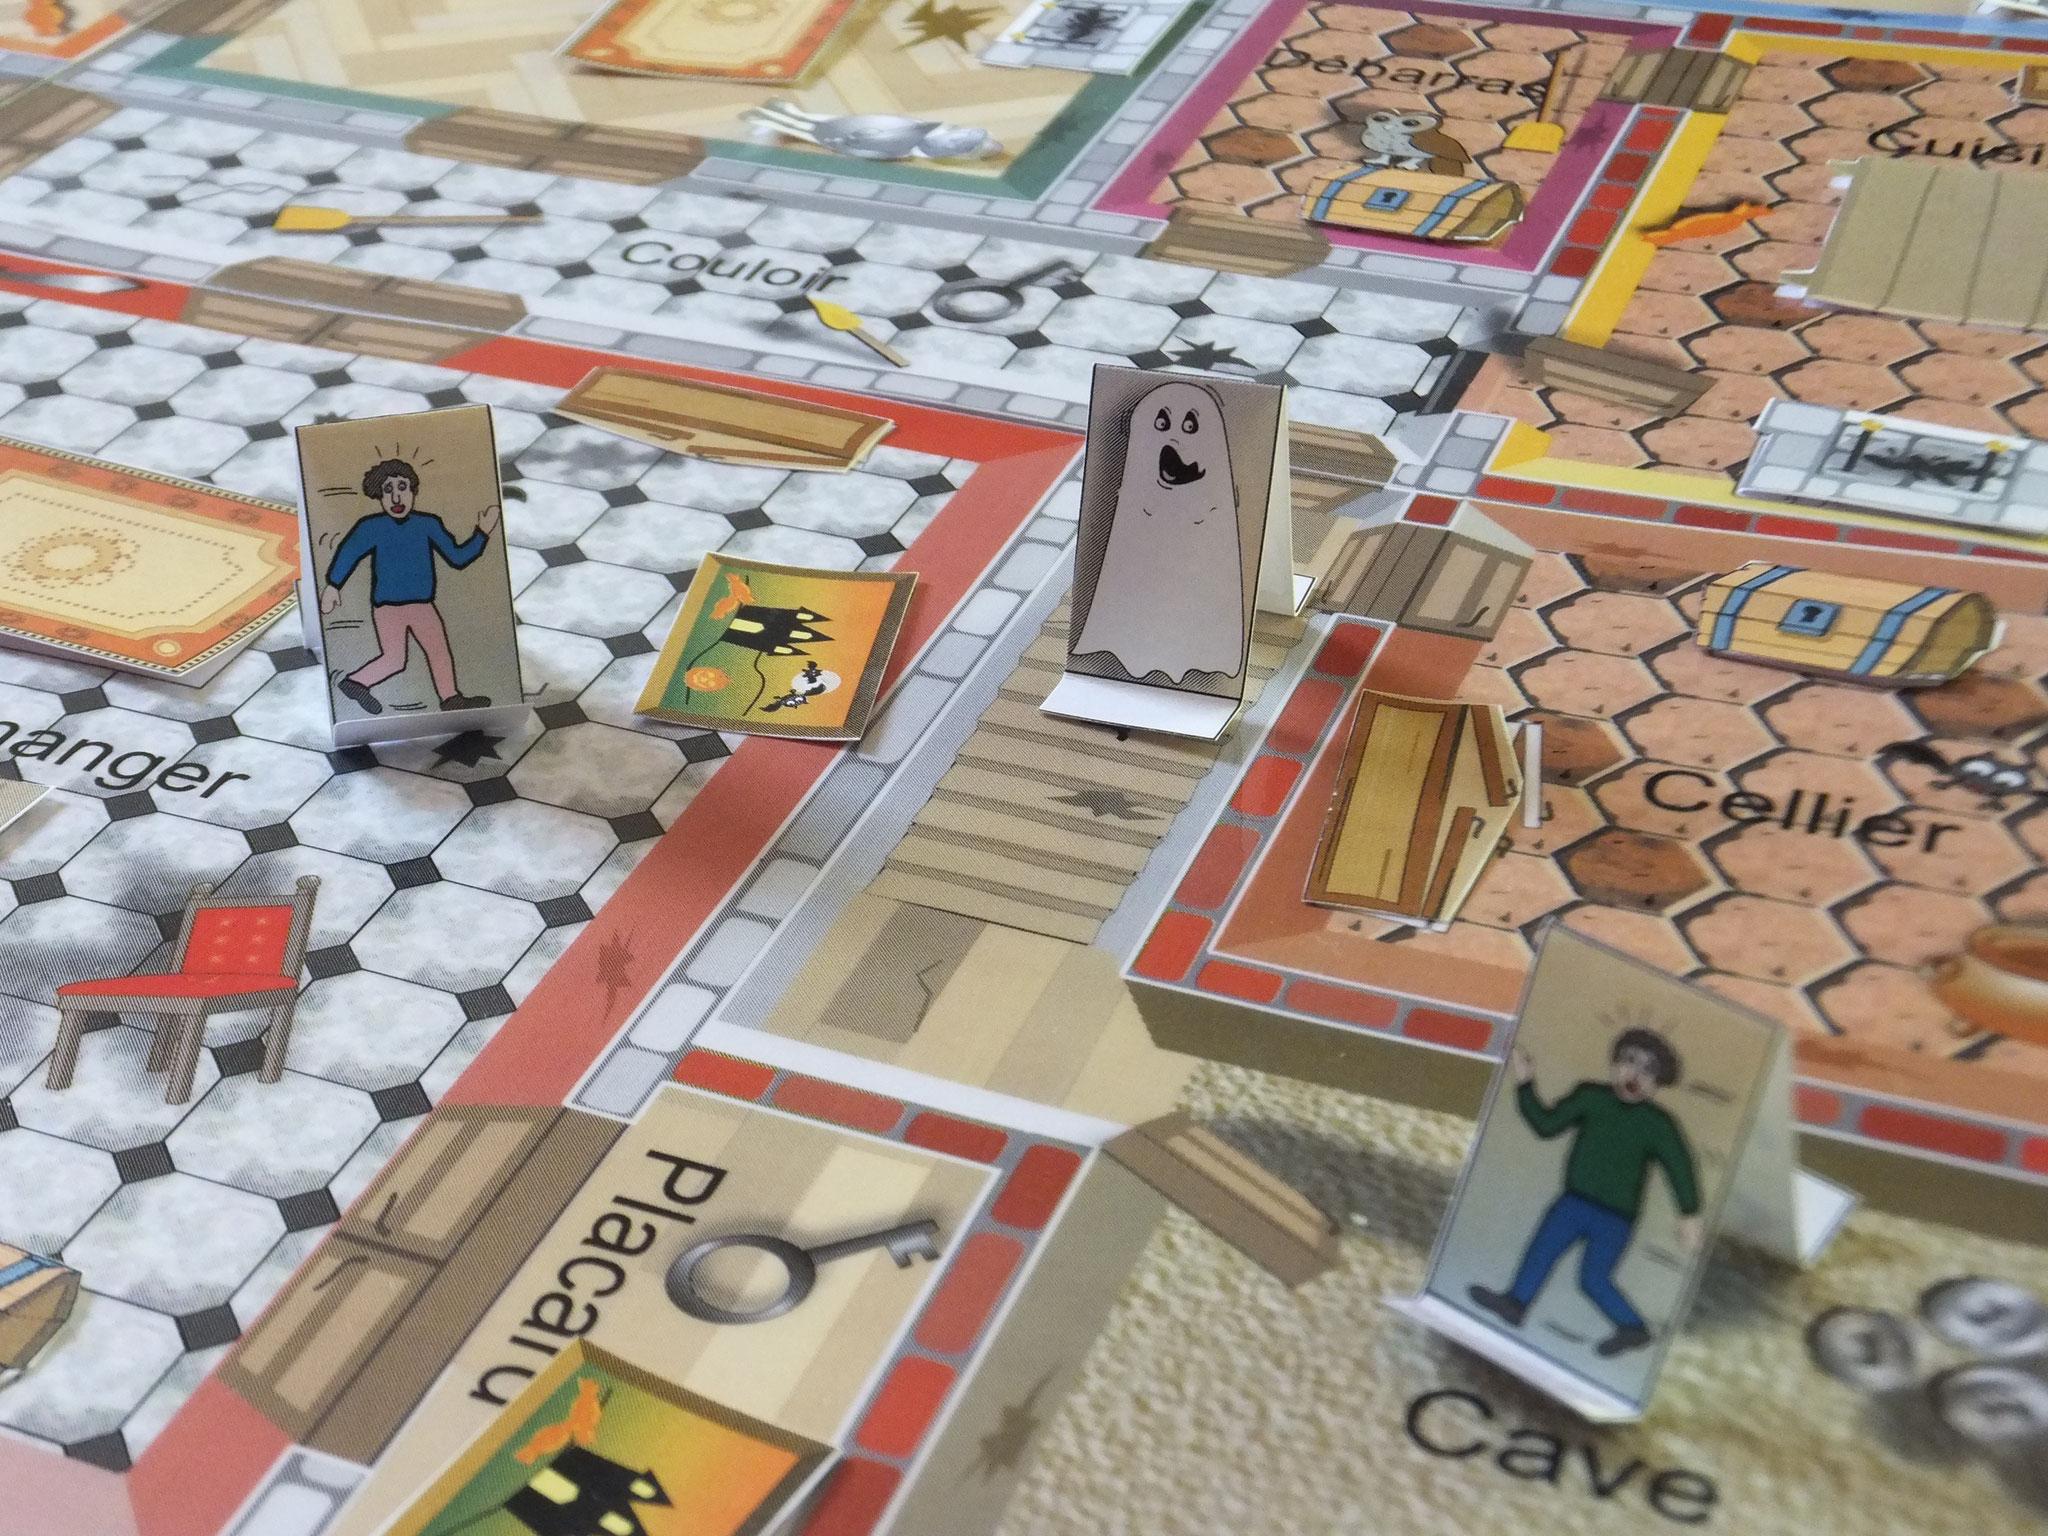 Jeux A Imprimer Pour Enfants, Famille, Ludiques, Éducatifs intérieur Jeux Facile Pour Petit Gratuit